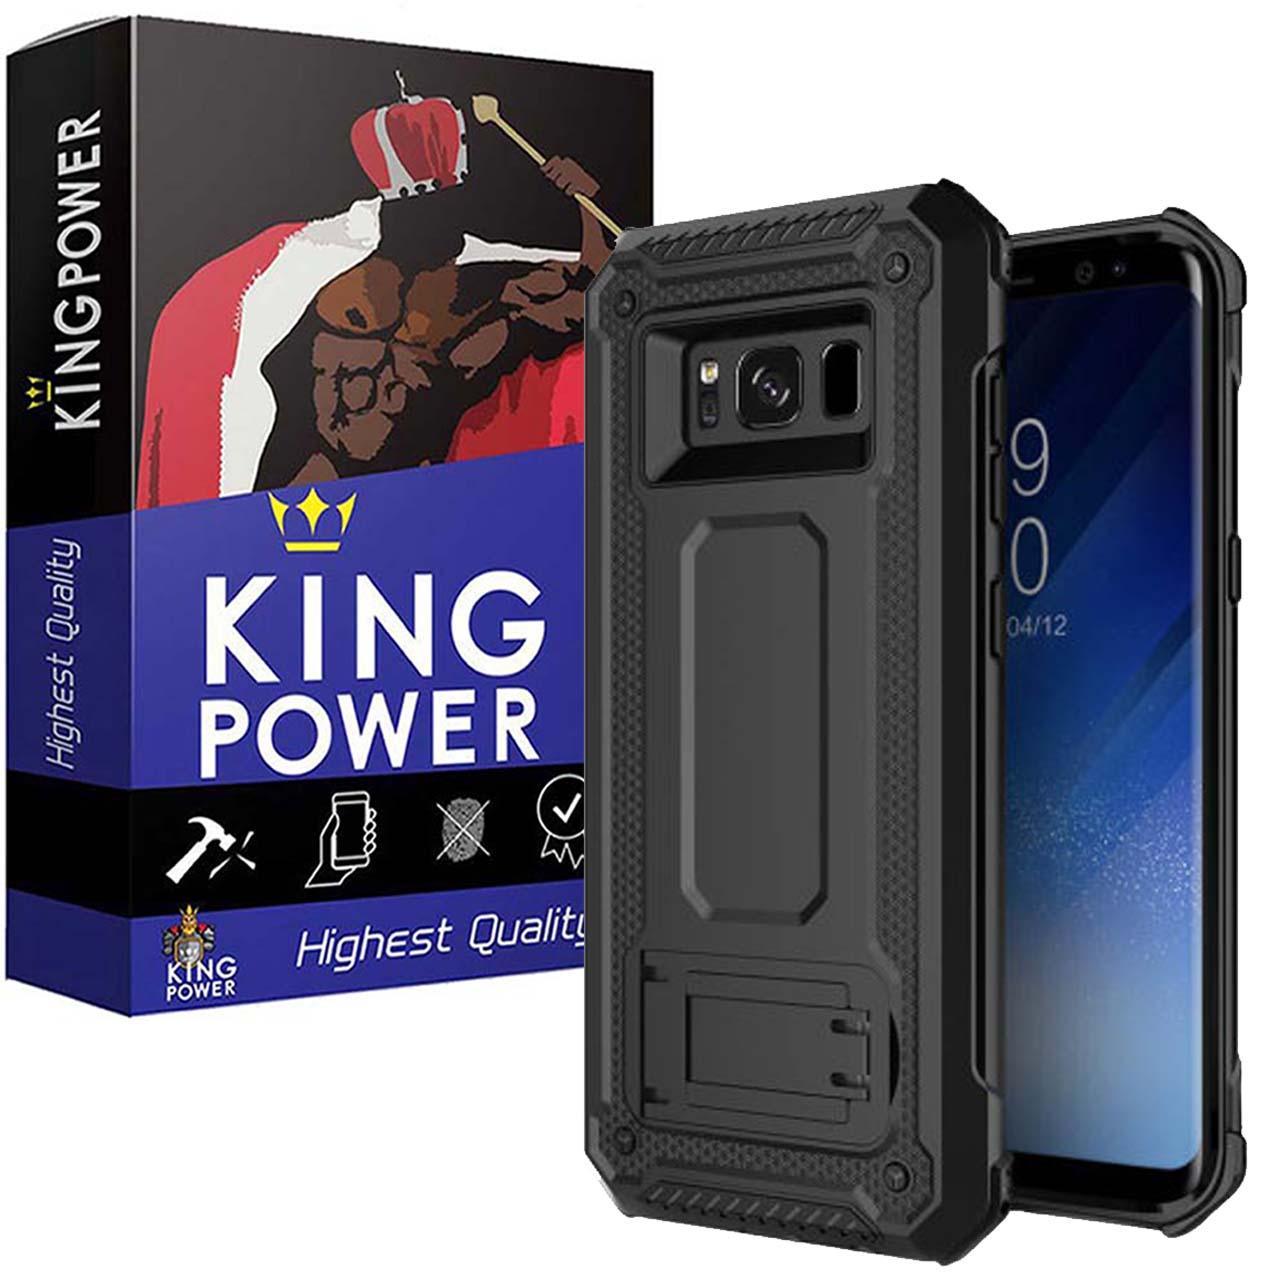 کاور کینگ پاور مدل W21 مناسب برای گوشی موبایل سامسونگ Galaxy S8 thumb